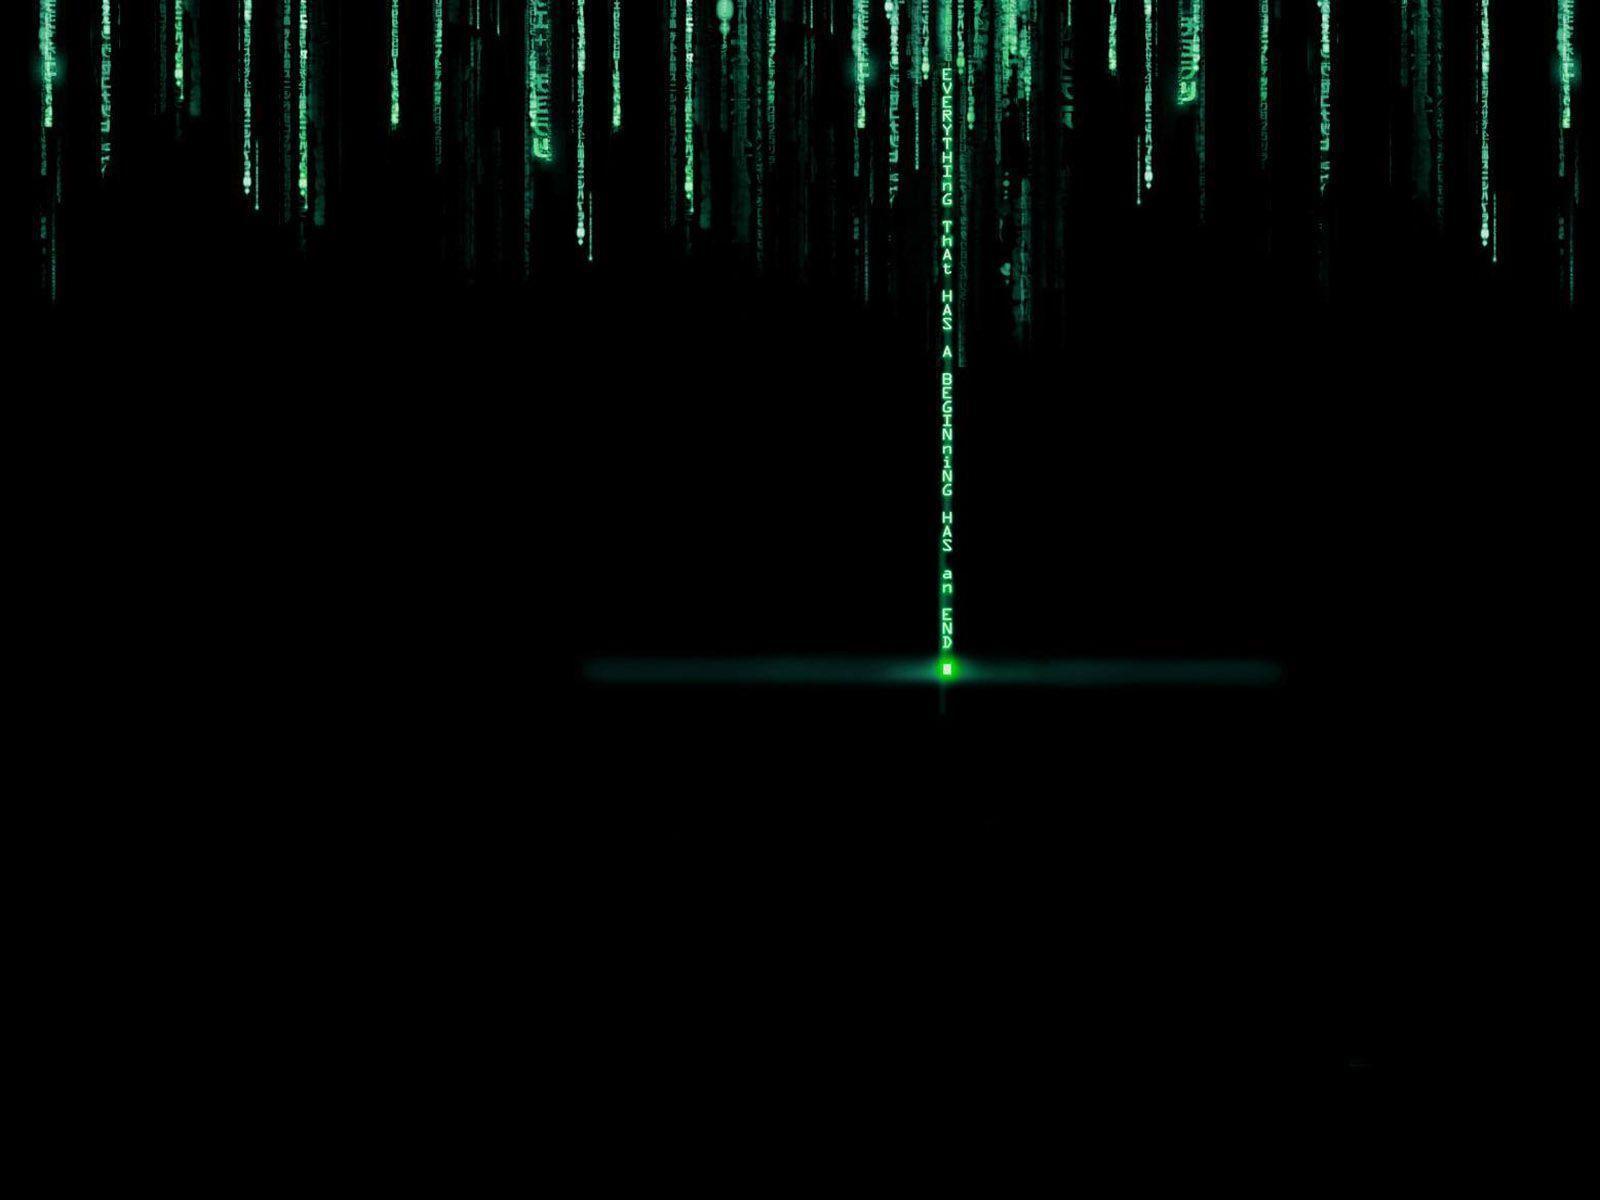 Matrix hd wallpapers wallpaper cave - Matrix wallpaper download free ...